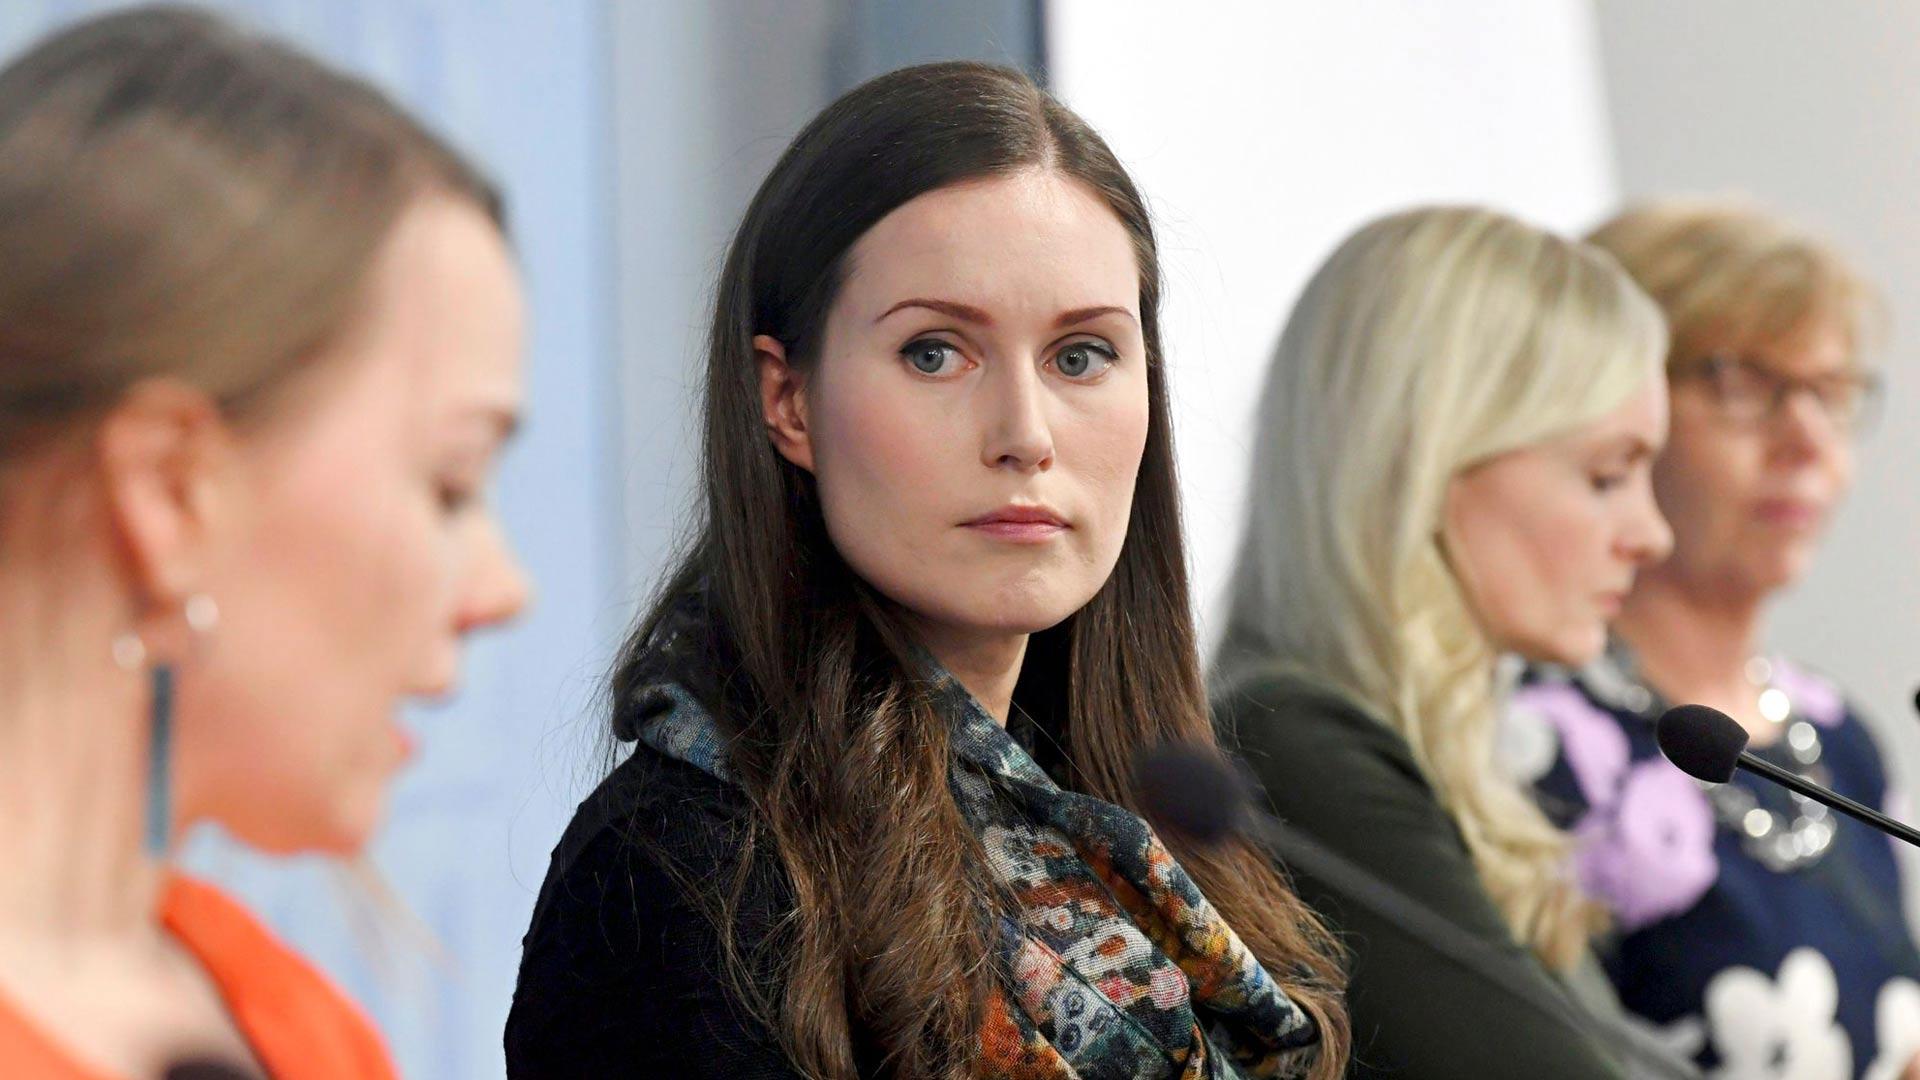 Katri Kulmunin (kesk) pikaero ja vaihto Matti Vanhaseen olivat merkkejä siitä, että Marinin hallituksen yhteiselo voi sopivassa tilanteessa säröytyä nopeastikin.